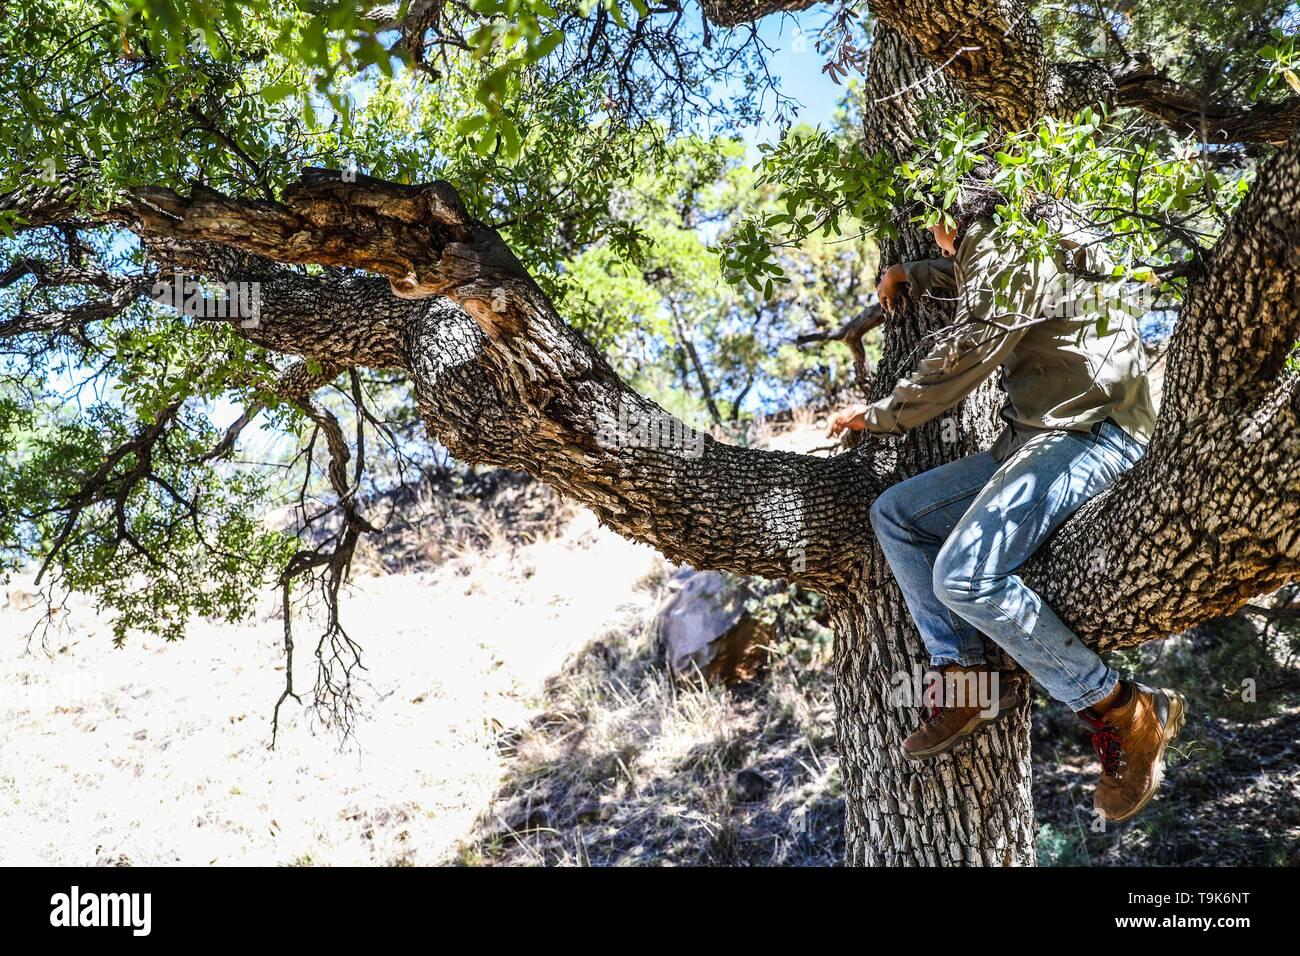 Oak tree forest, courtly, wood texture, trunk branches and oak tree leaves, in the Chivato mountain range in the municipality of Santa Cruz, Sonora, Mexico. (photo: Luis Gutierrez / nortephoto)  bosque de arboles encino, cortesa, textura de madera, tronco  ramas y hojas de arbol encino, en la sierra Chivato en el municipio de Santa Cruz,  Sonora, Mexico.   (photo: Luis Gutierrez / nortephoto) - Stock Image